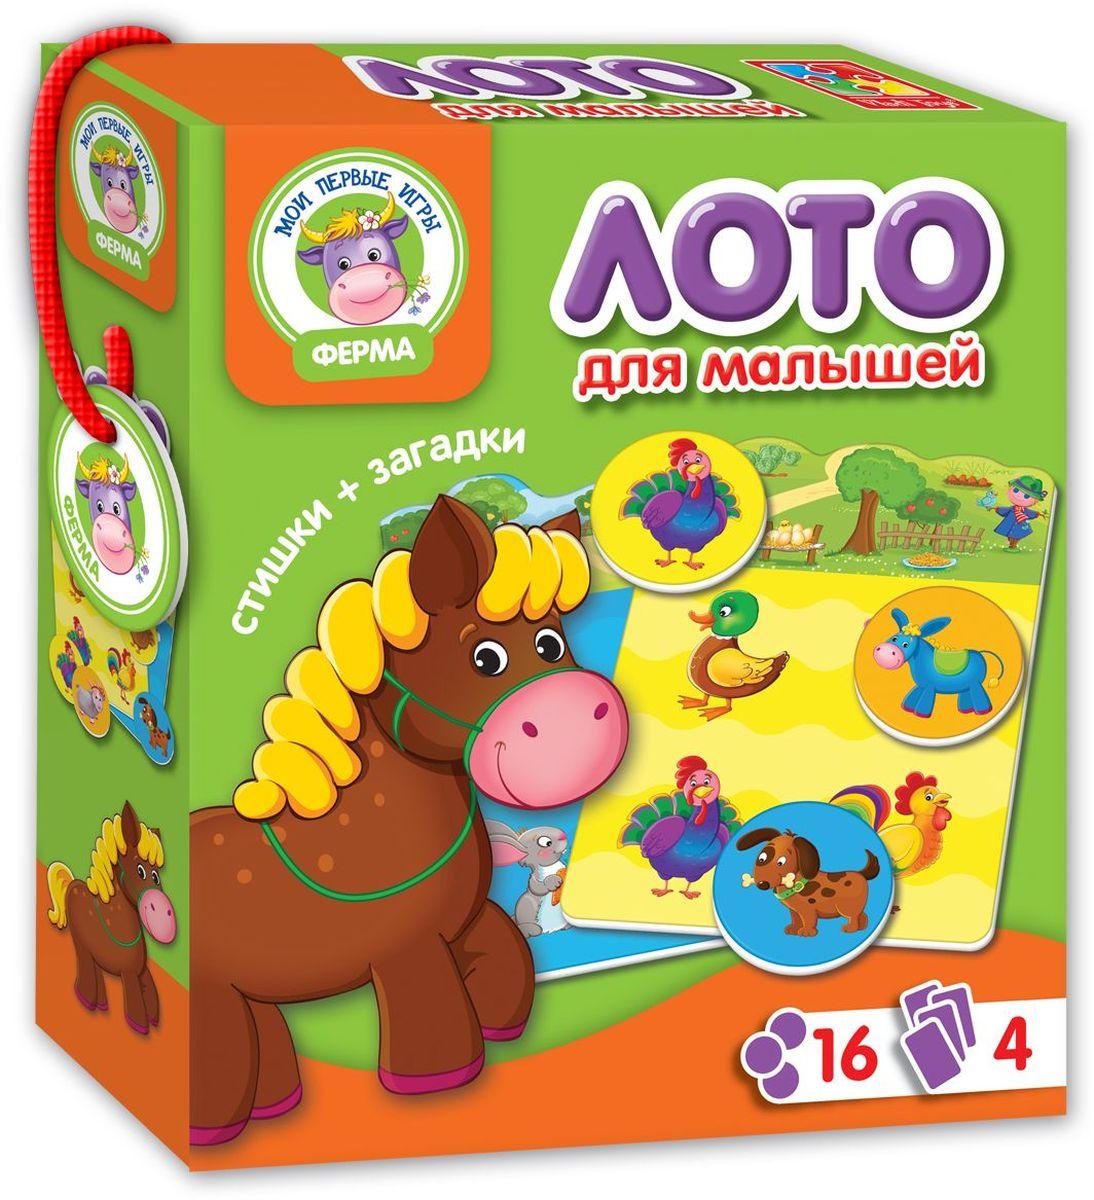 Vladi Toys Обучающая игра Ферма VT2100-01VT2100-01Обучающая игра Vladi Toys Ферма - веселая игра для семейного досуга. Правила такие же, как и в обычной игре Лото. В комплект входят 4 игровых поля и 16 игровых фишек. Количество игроков: от 2-х до 4-х.